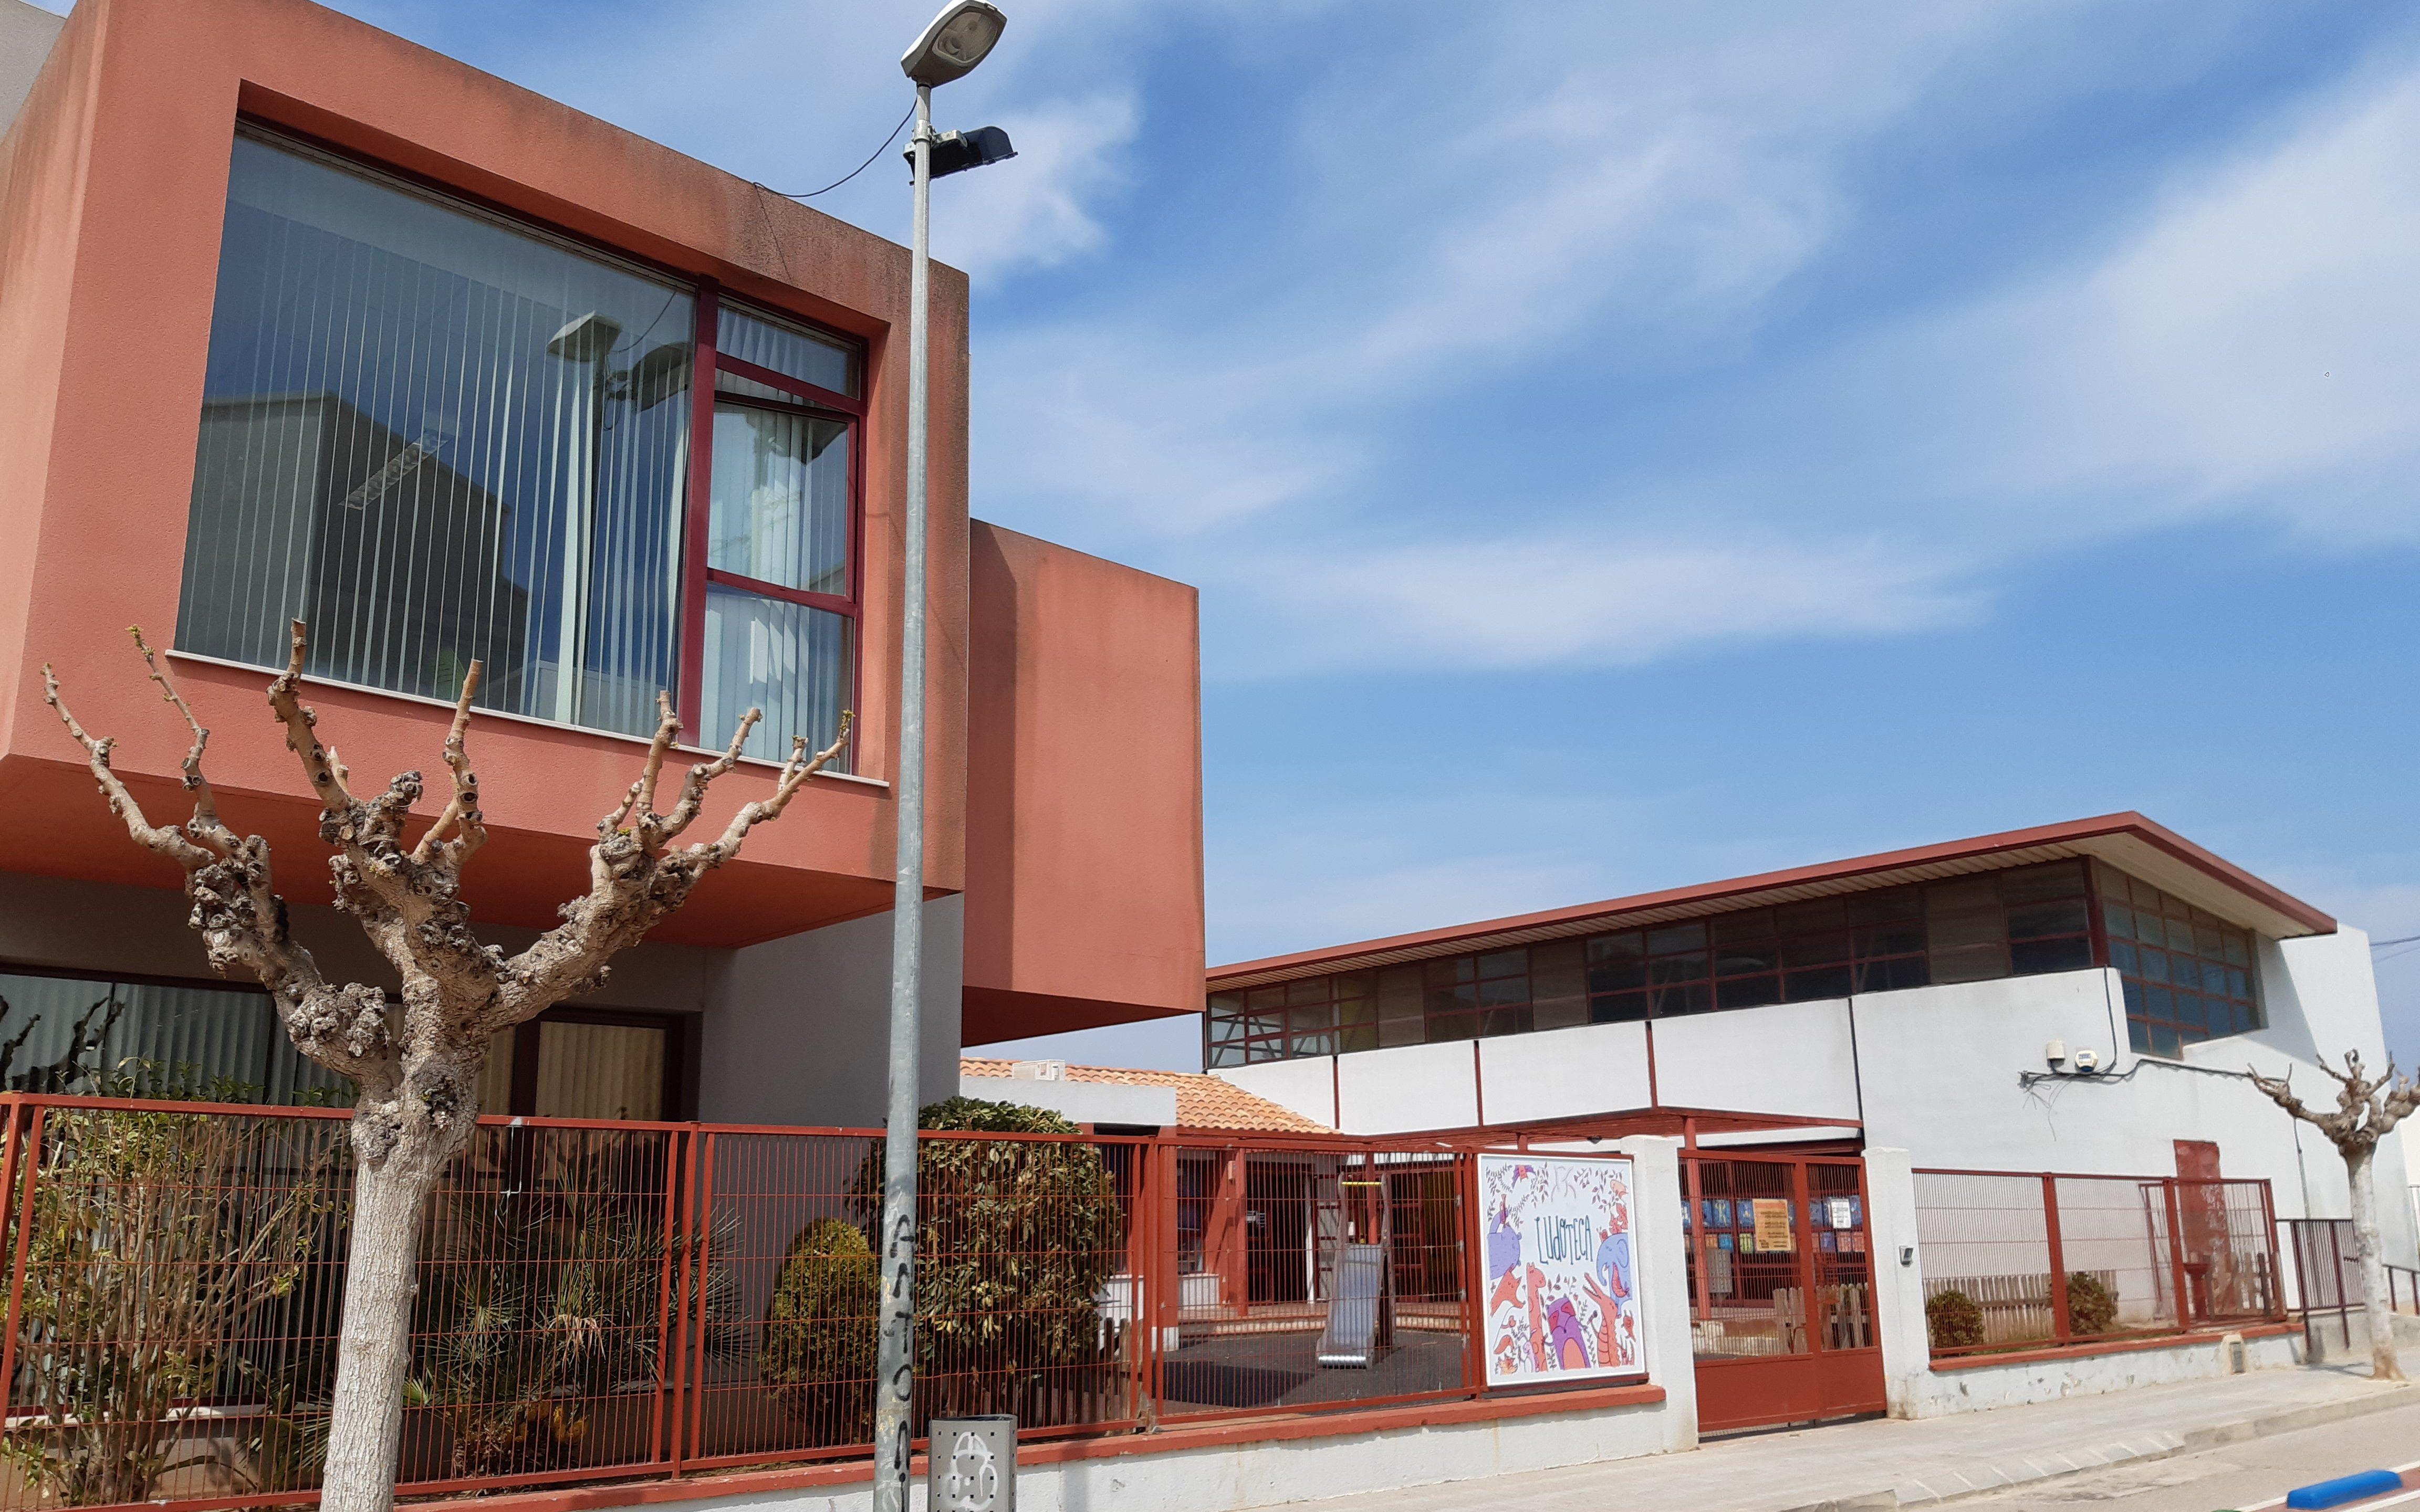 Un dels 24 nous habitatges adquirits per Habitatge mitjançant el Pla Estatal està a Benicarló